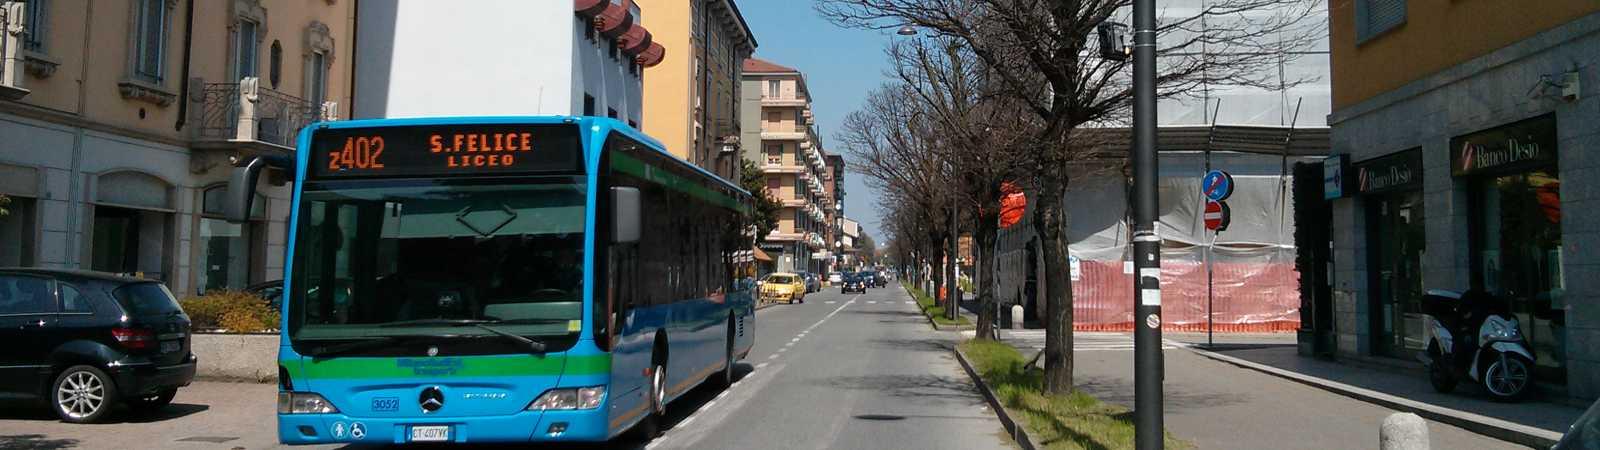 Crema, San Donato e Treviglio: ricerca rilevatori per indagini sulla mobilità dei passeggeri del trasporto pubblico extraurbano dell'area Adda